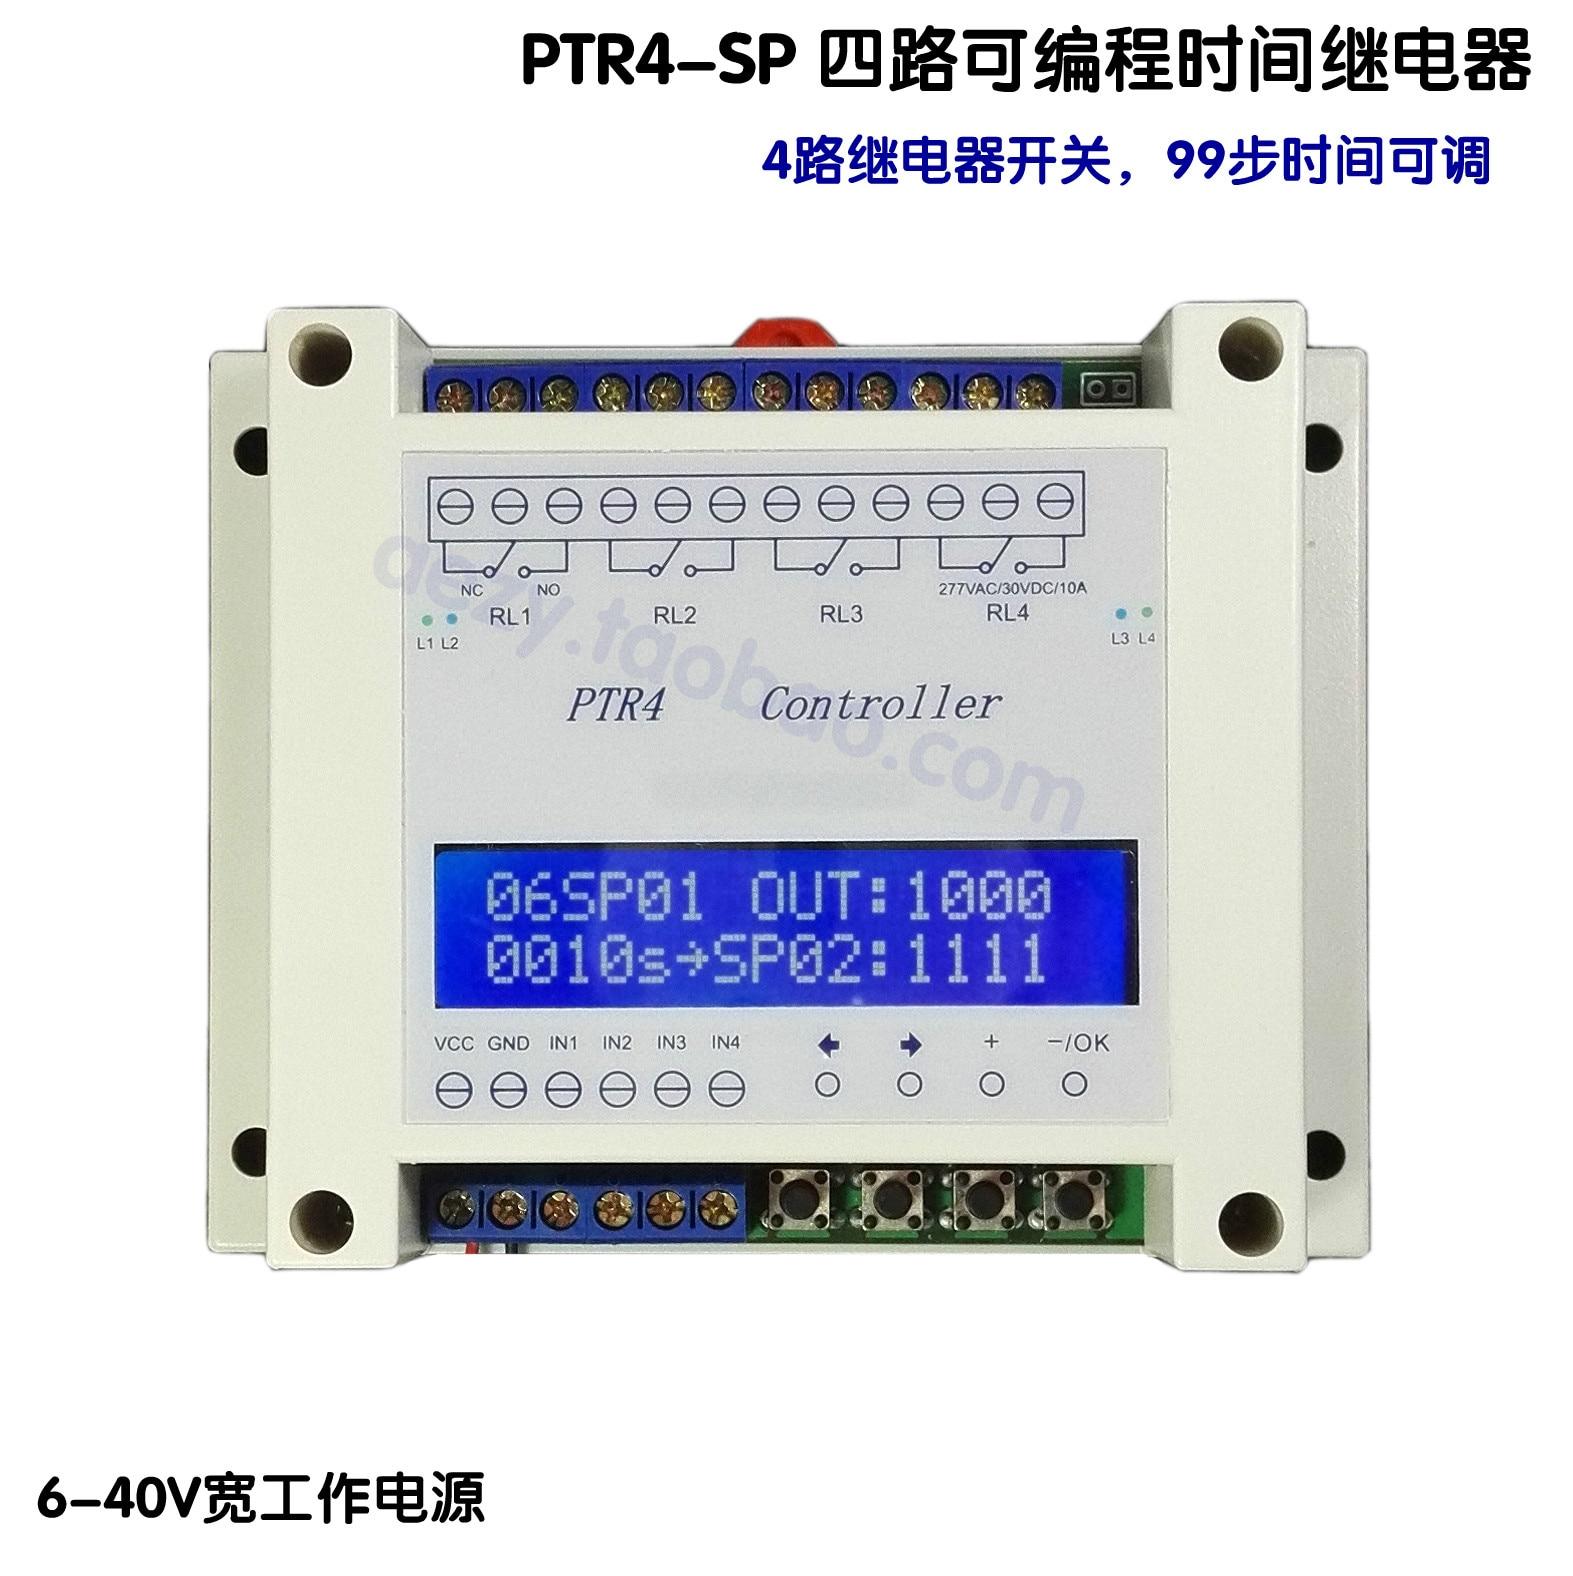 Четыре пути программируемый реле времени 99 шаг несколько времени срабатывает электромагнитный Клапан связь Управление ptr4sp